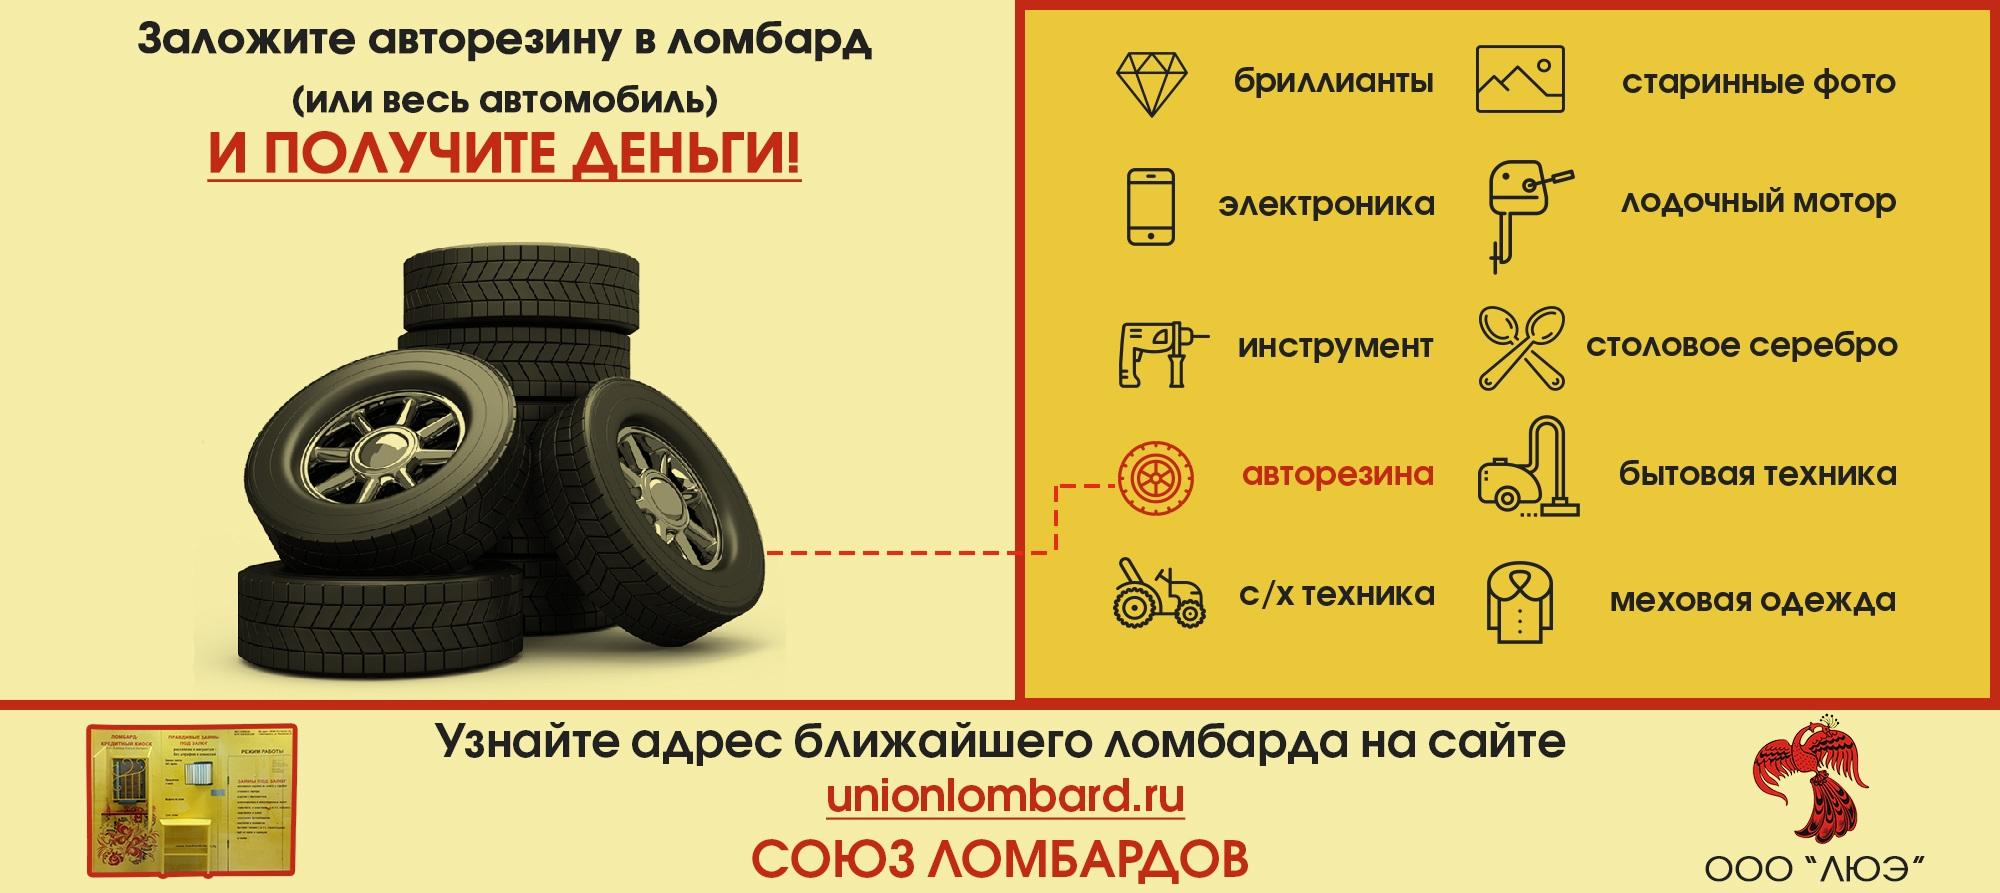 Пятигорск ломбард авто независимый автосалон москва отзывы